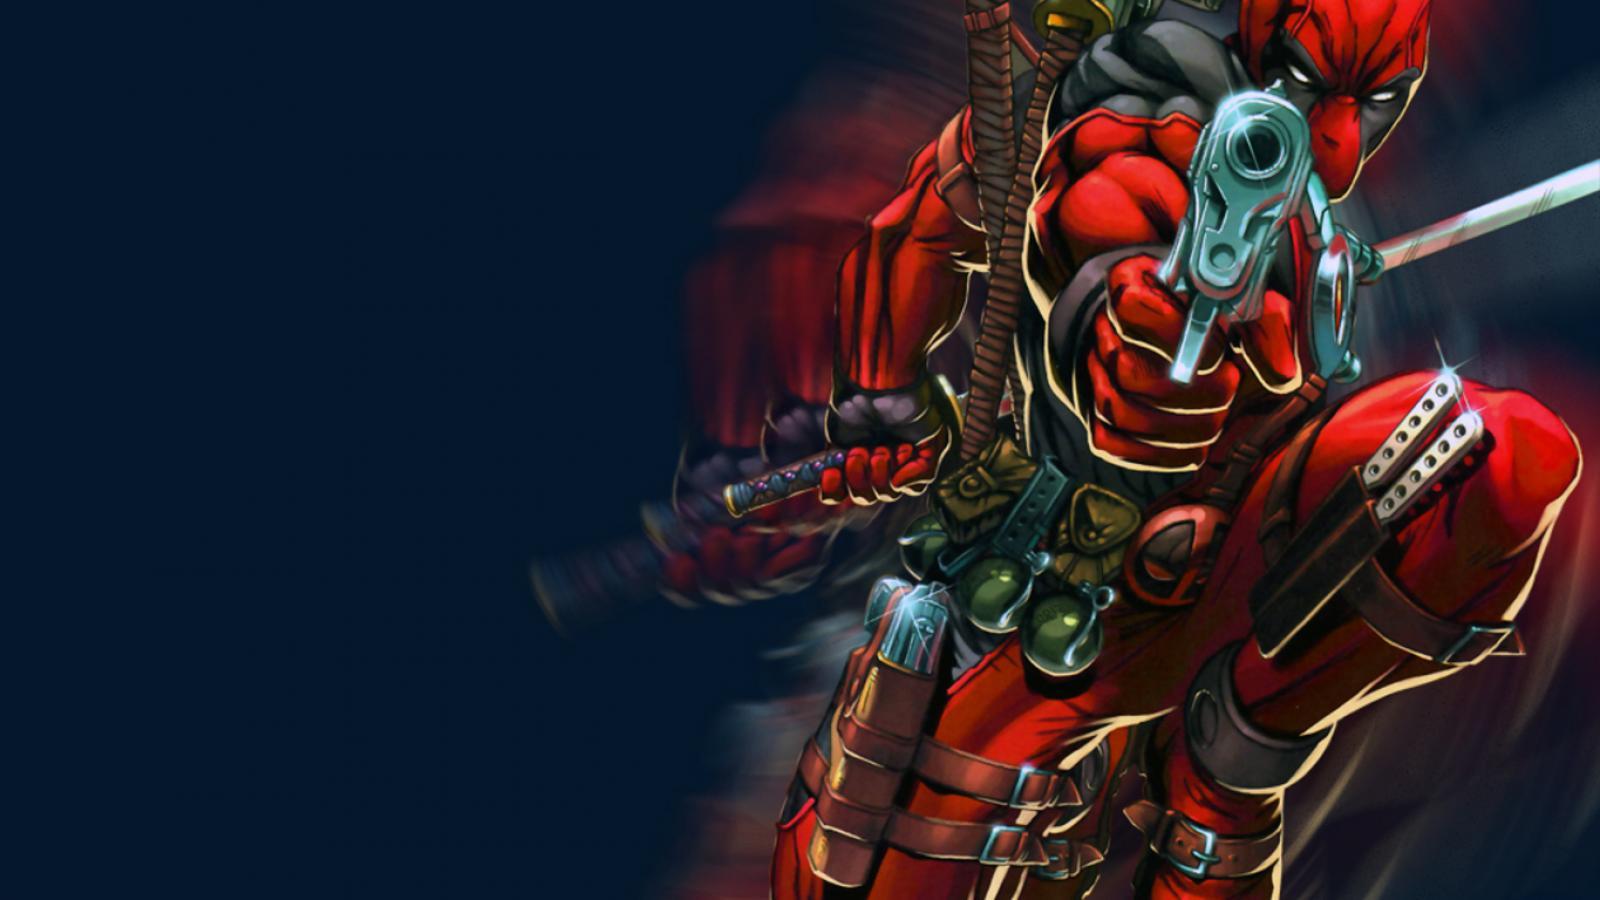 Deadpool wade wilson marvel comics wallpaper HQ WALLPAPER   176253 1600x900